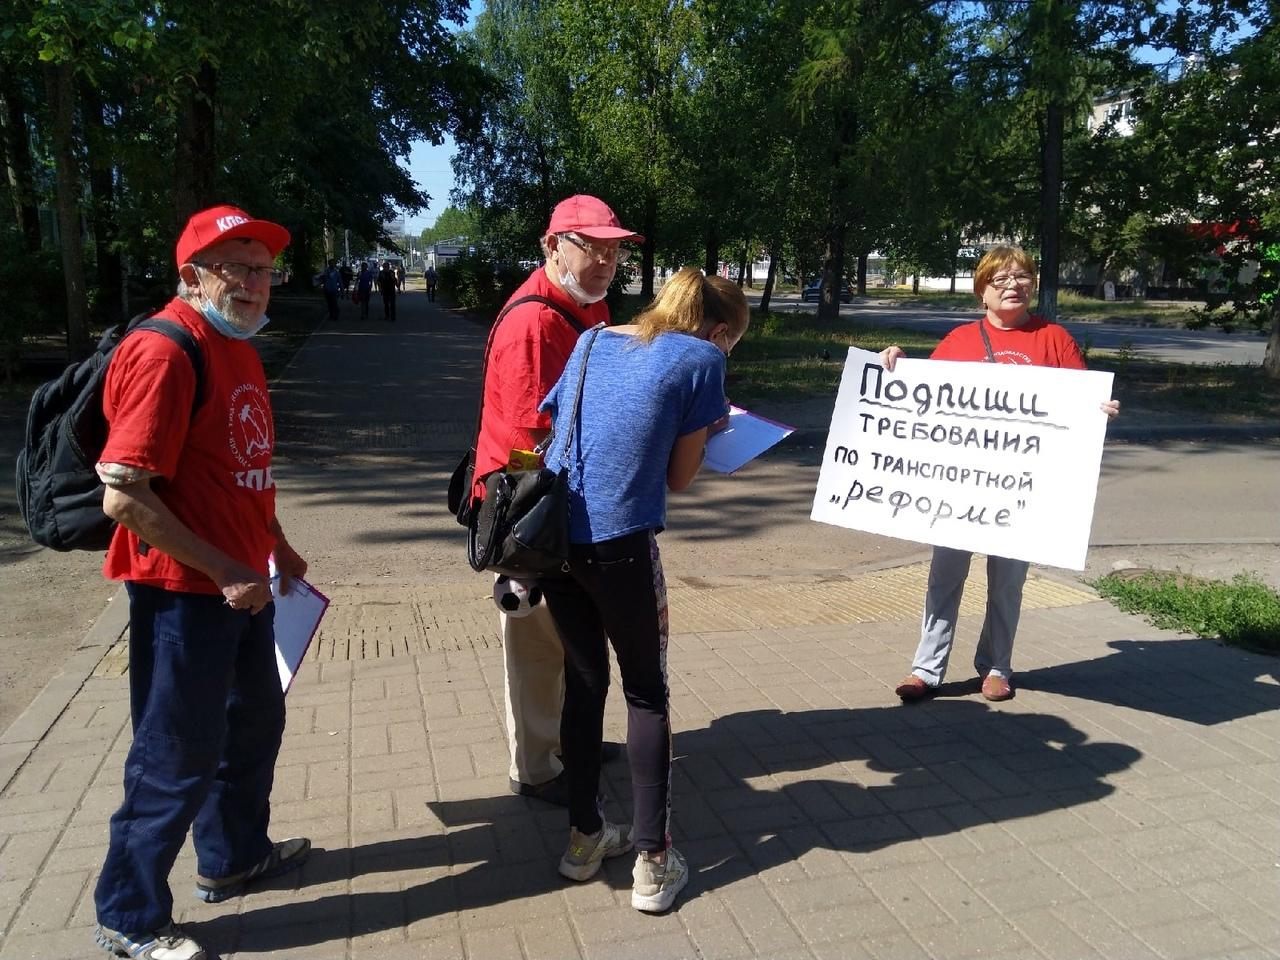 Коммунисты Дзержинского района продолжают изучать мнение ярославцев по поводу транспортной «реформы»